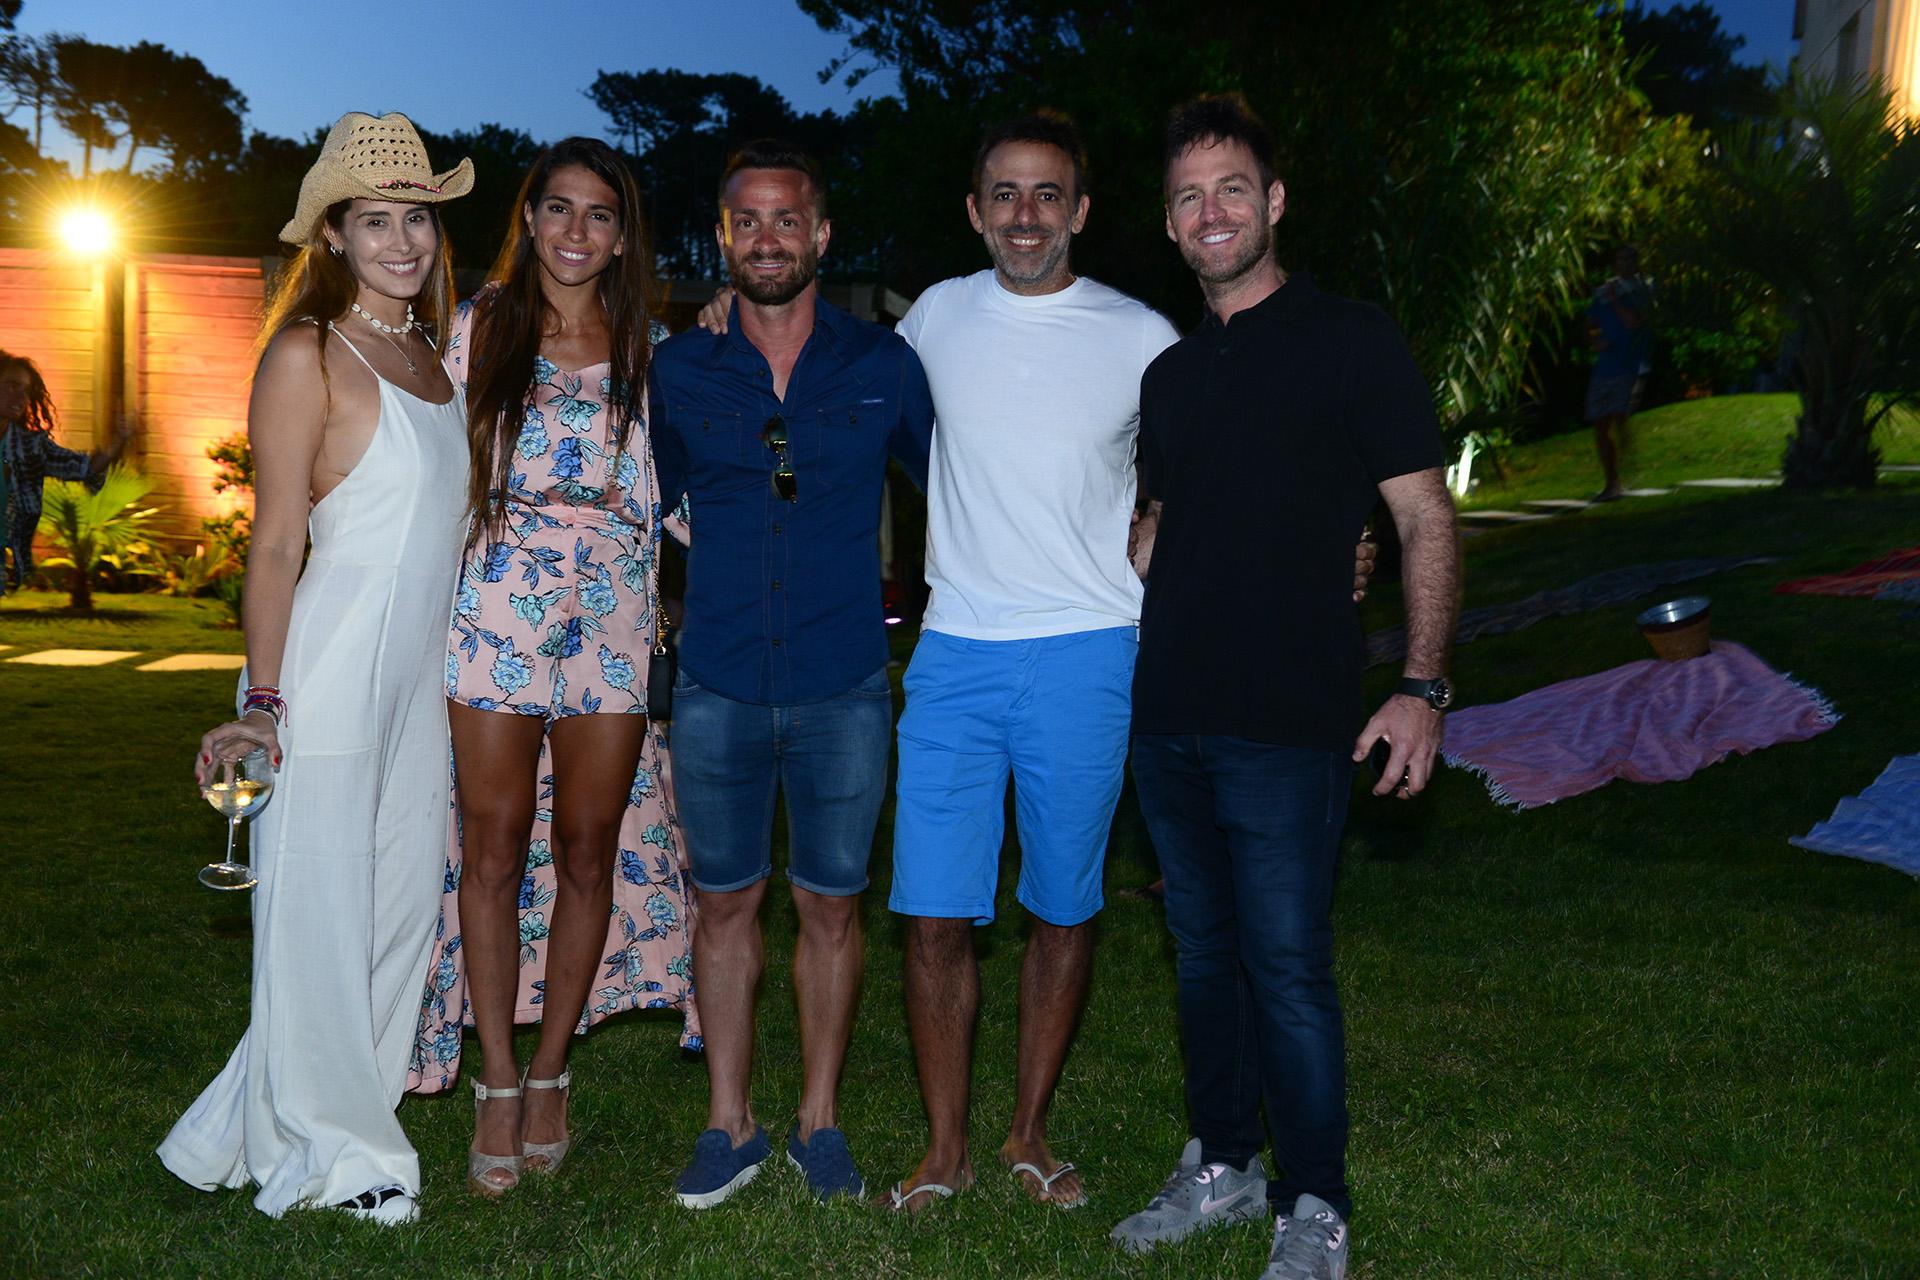 Carolina Cecconello y Maximiliano Schabsis, dueños del exclusivo hotel Casa Bikini, fueron los anfitriones de un divertido sunset en Manantiales. En la foto, reciben a Cinthia Fernández y su novio Martín Baclini